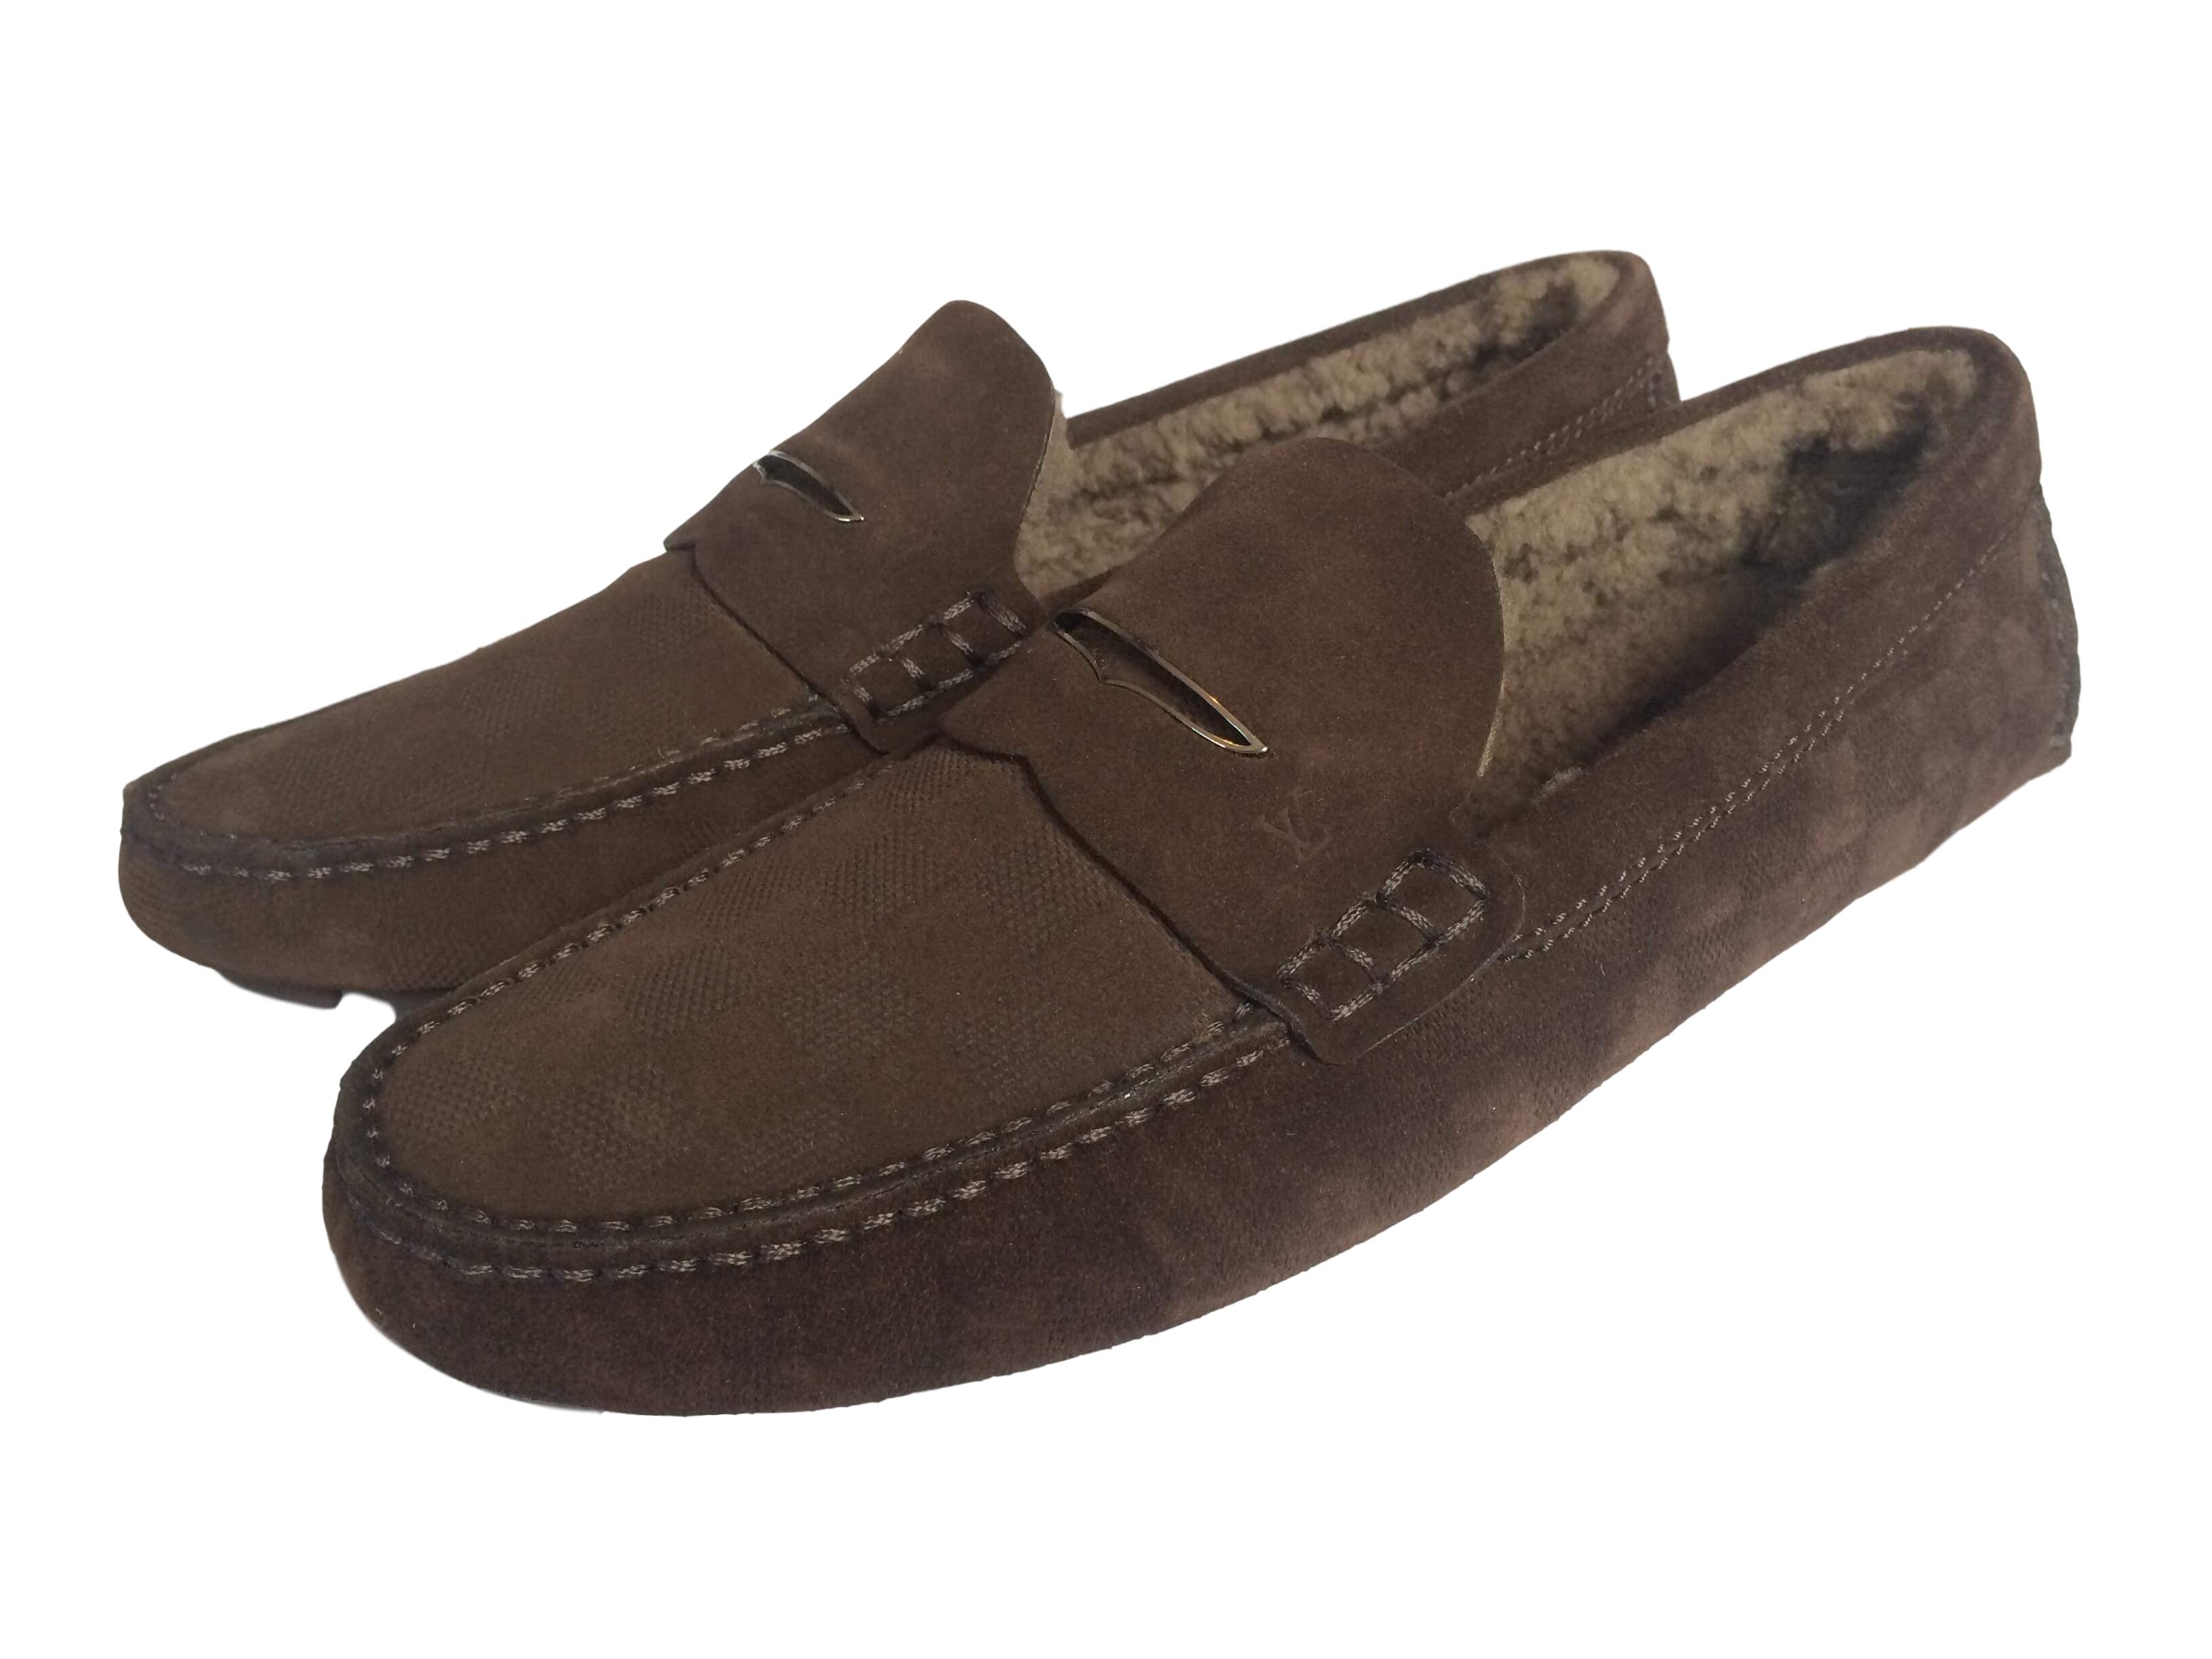 8c0a6d4c67 Shearling Shade Car Shoe | Louis Vuitton Loafers | Shoes, Car shoe ...